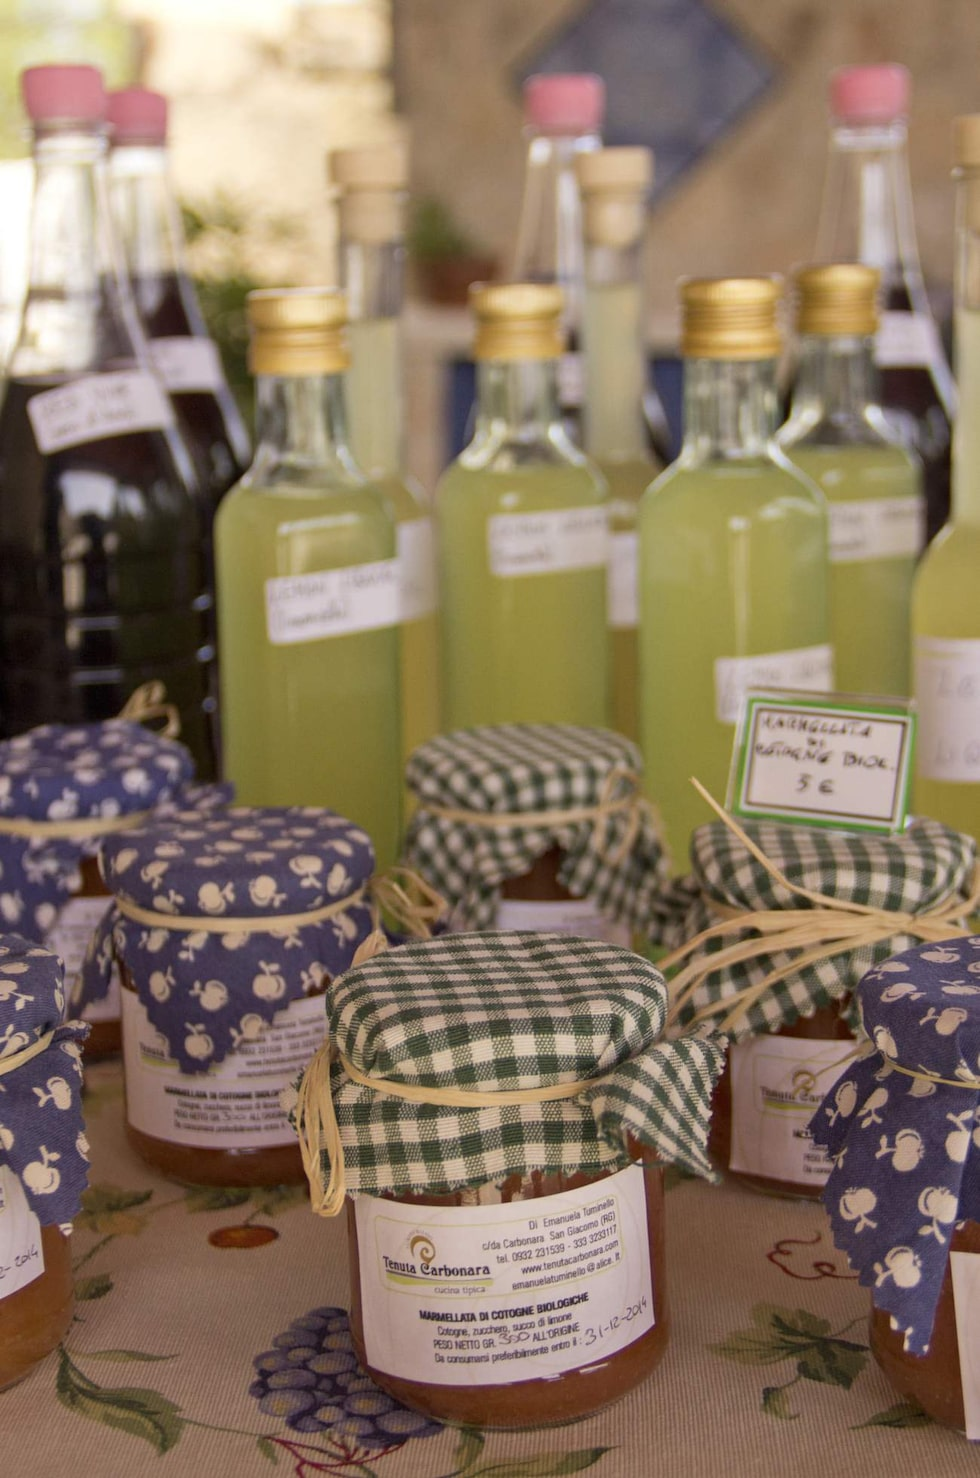 Marmelader. Eget mathantverk från gården Tenuta Carbonara där matlagningskursen hålls.